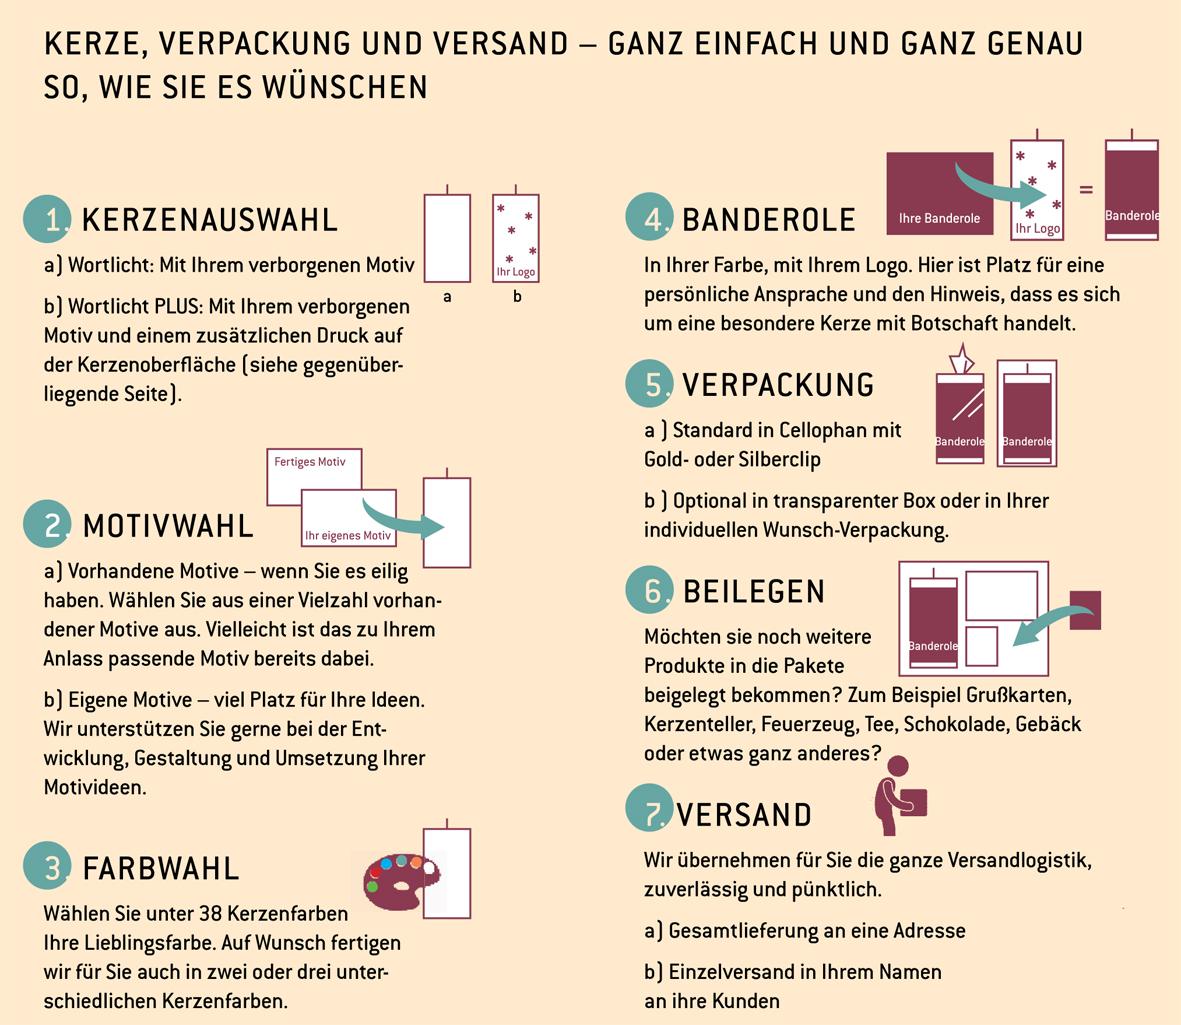 Niedlich Urlaub Verpackung Checkliste Vorlage Galerie ...